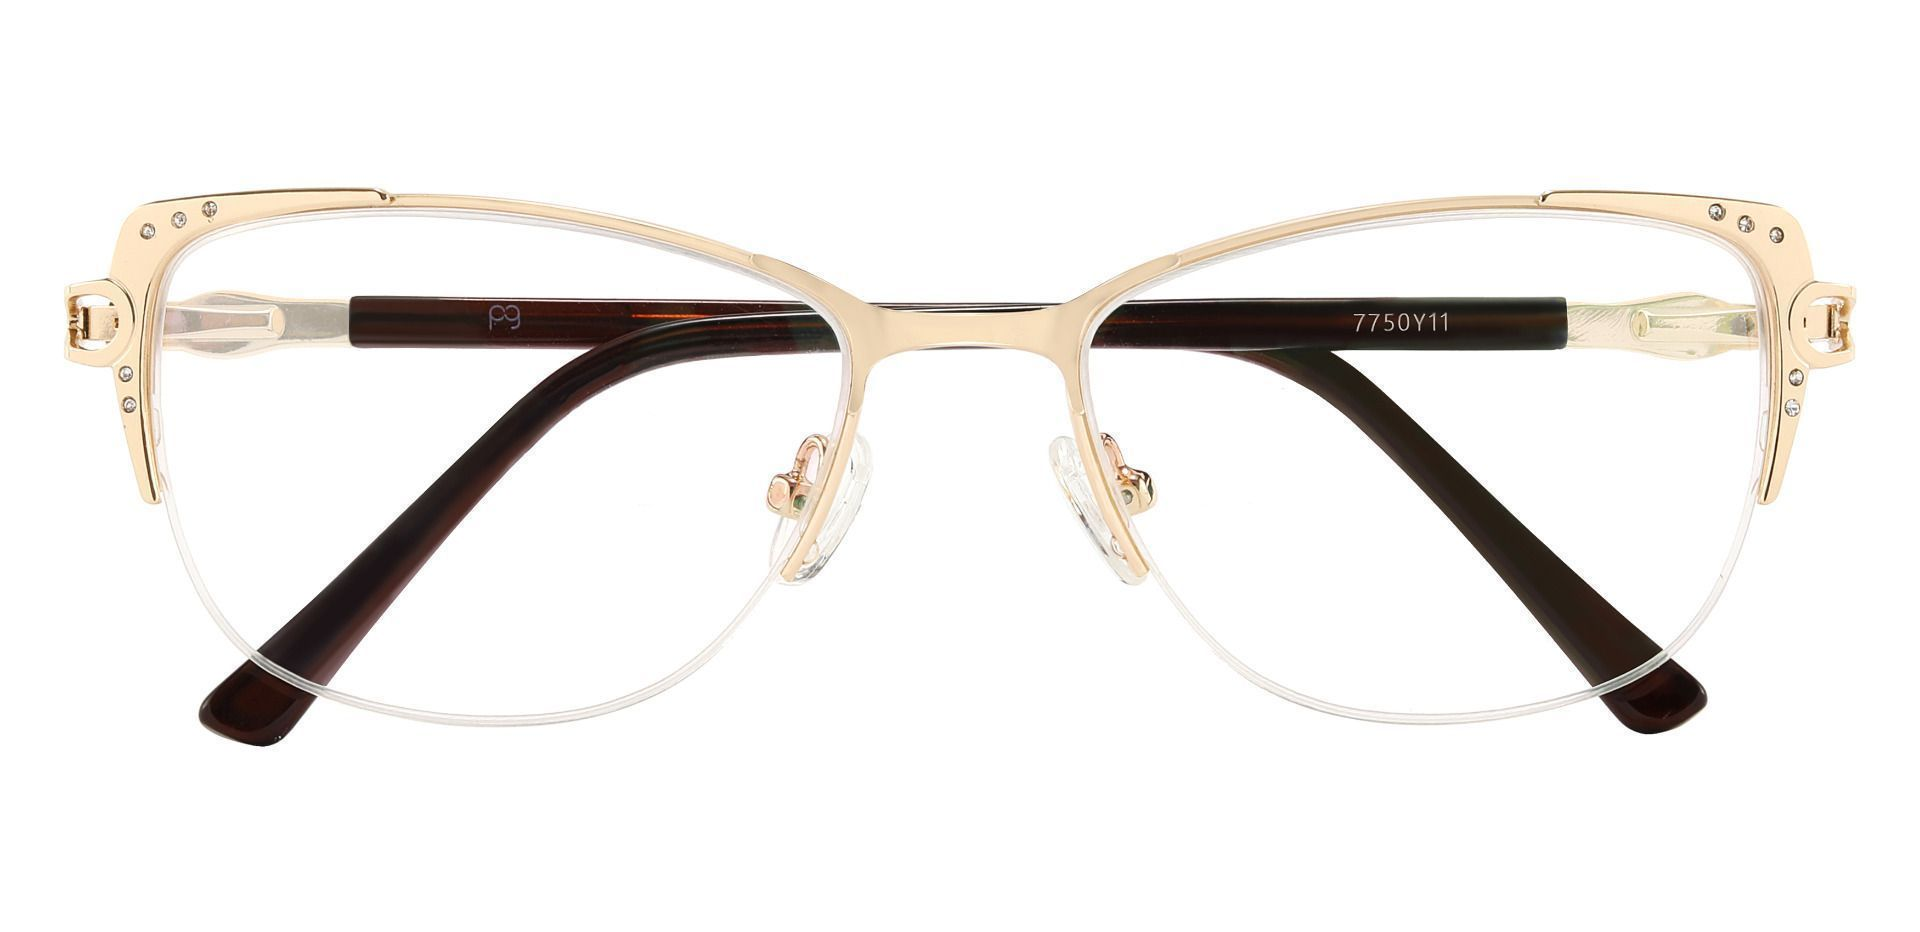 Granger Cat Eye Prescription Glasses - Gold